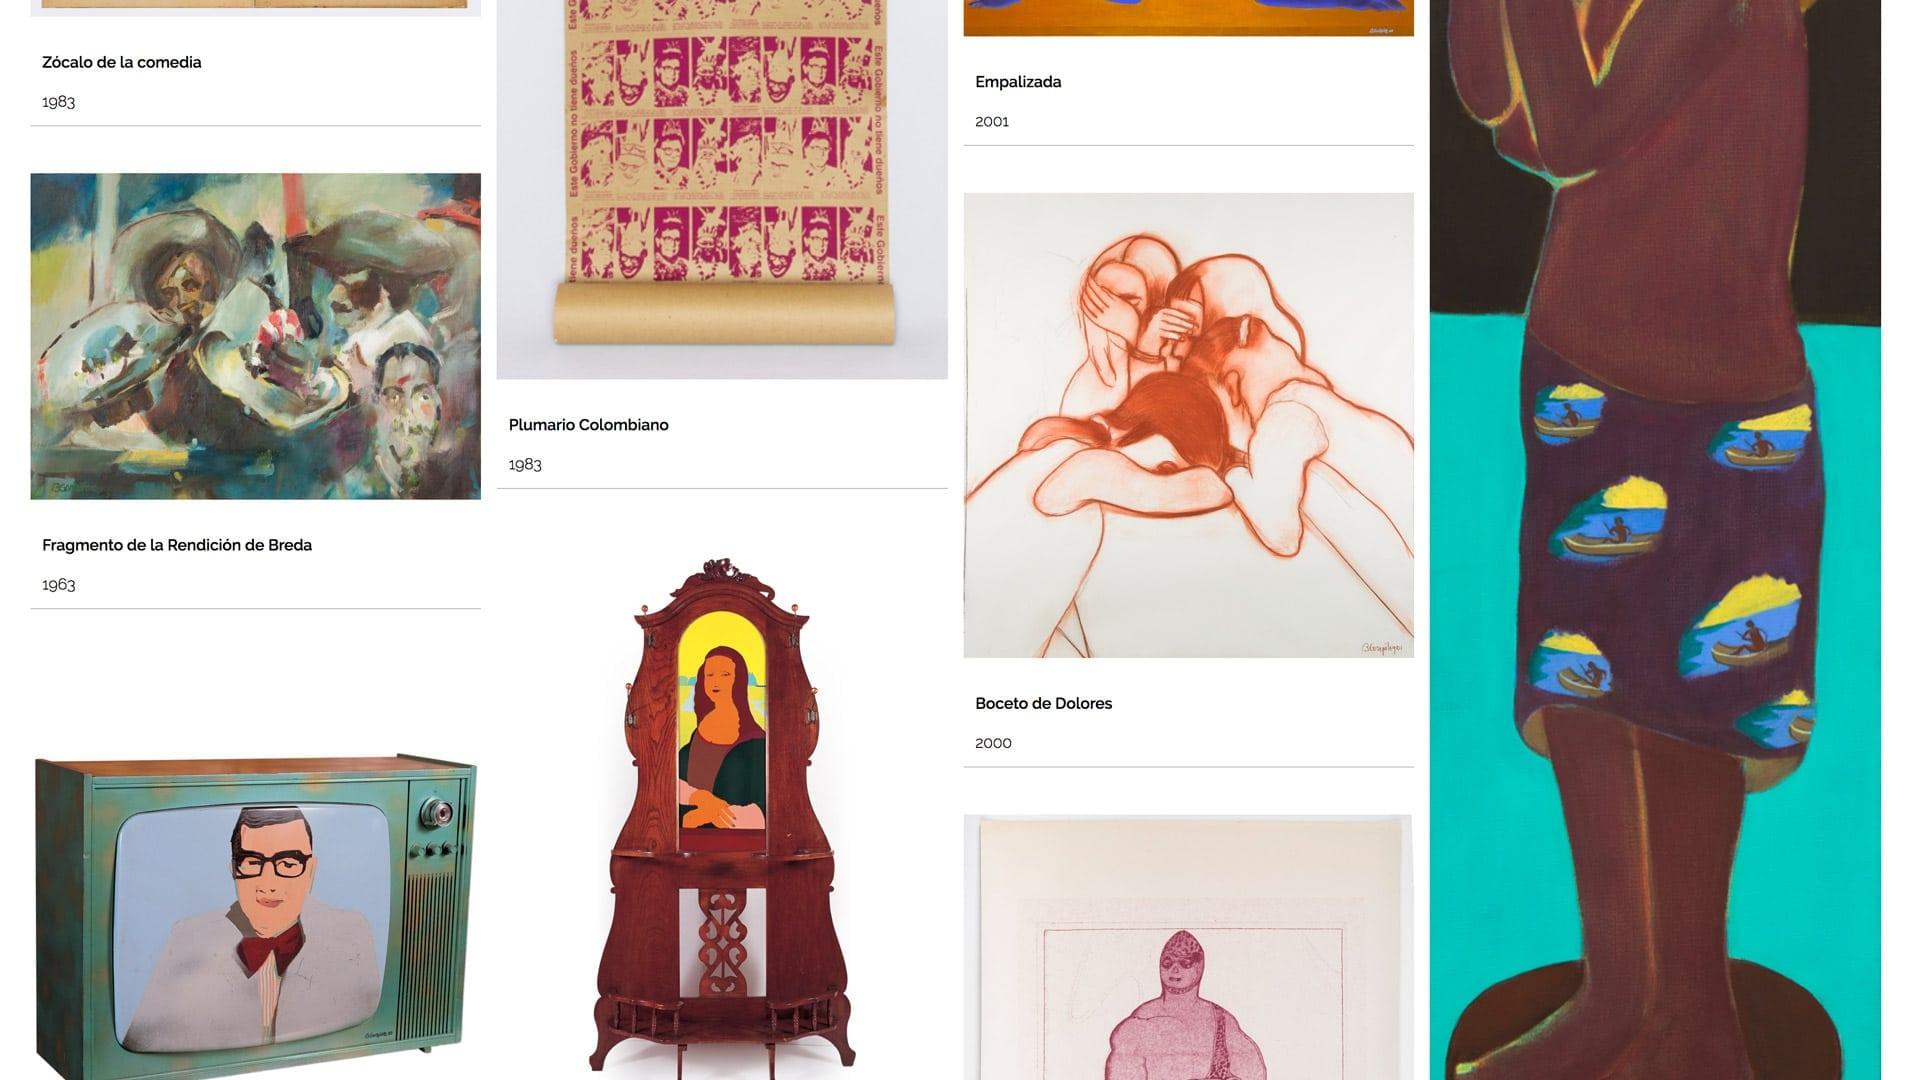 Visite el Catálogo razonado de Beatriz González